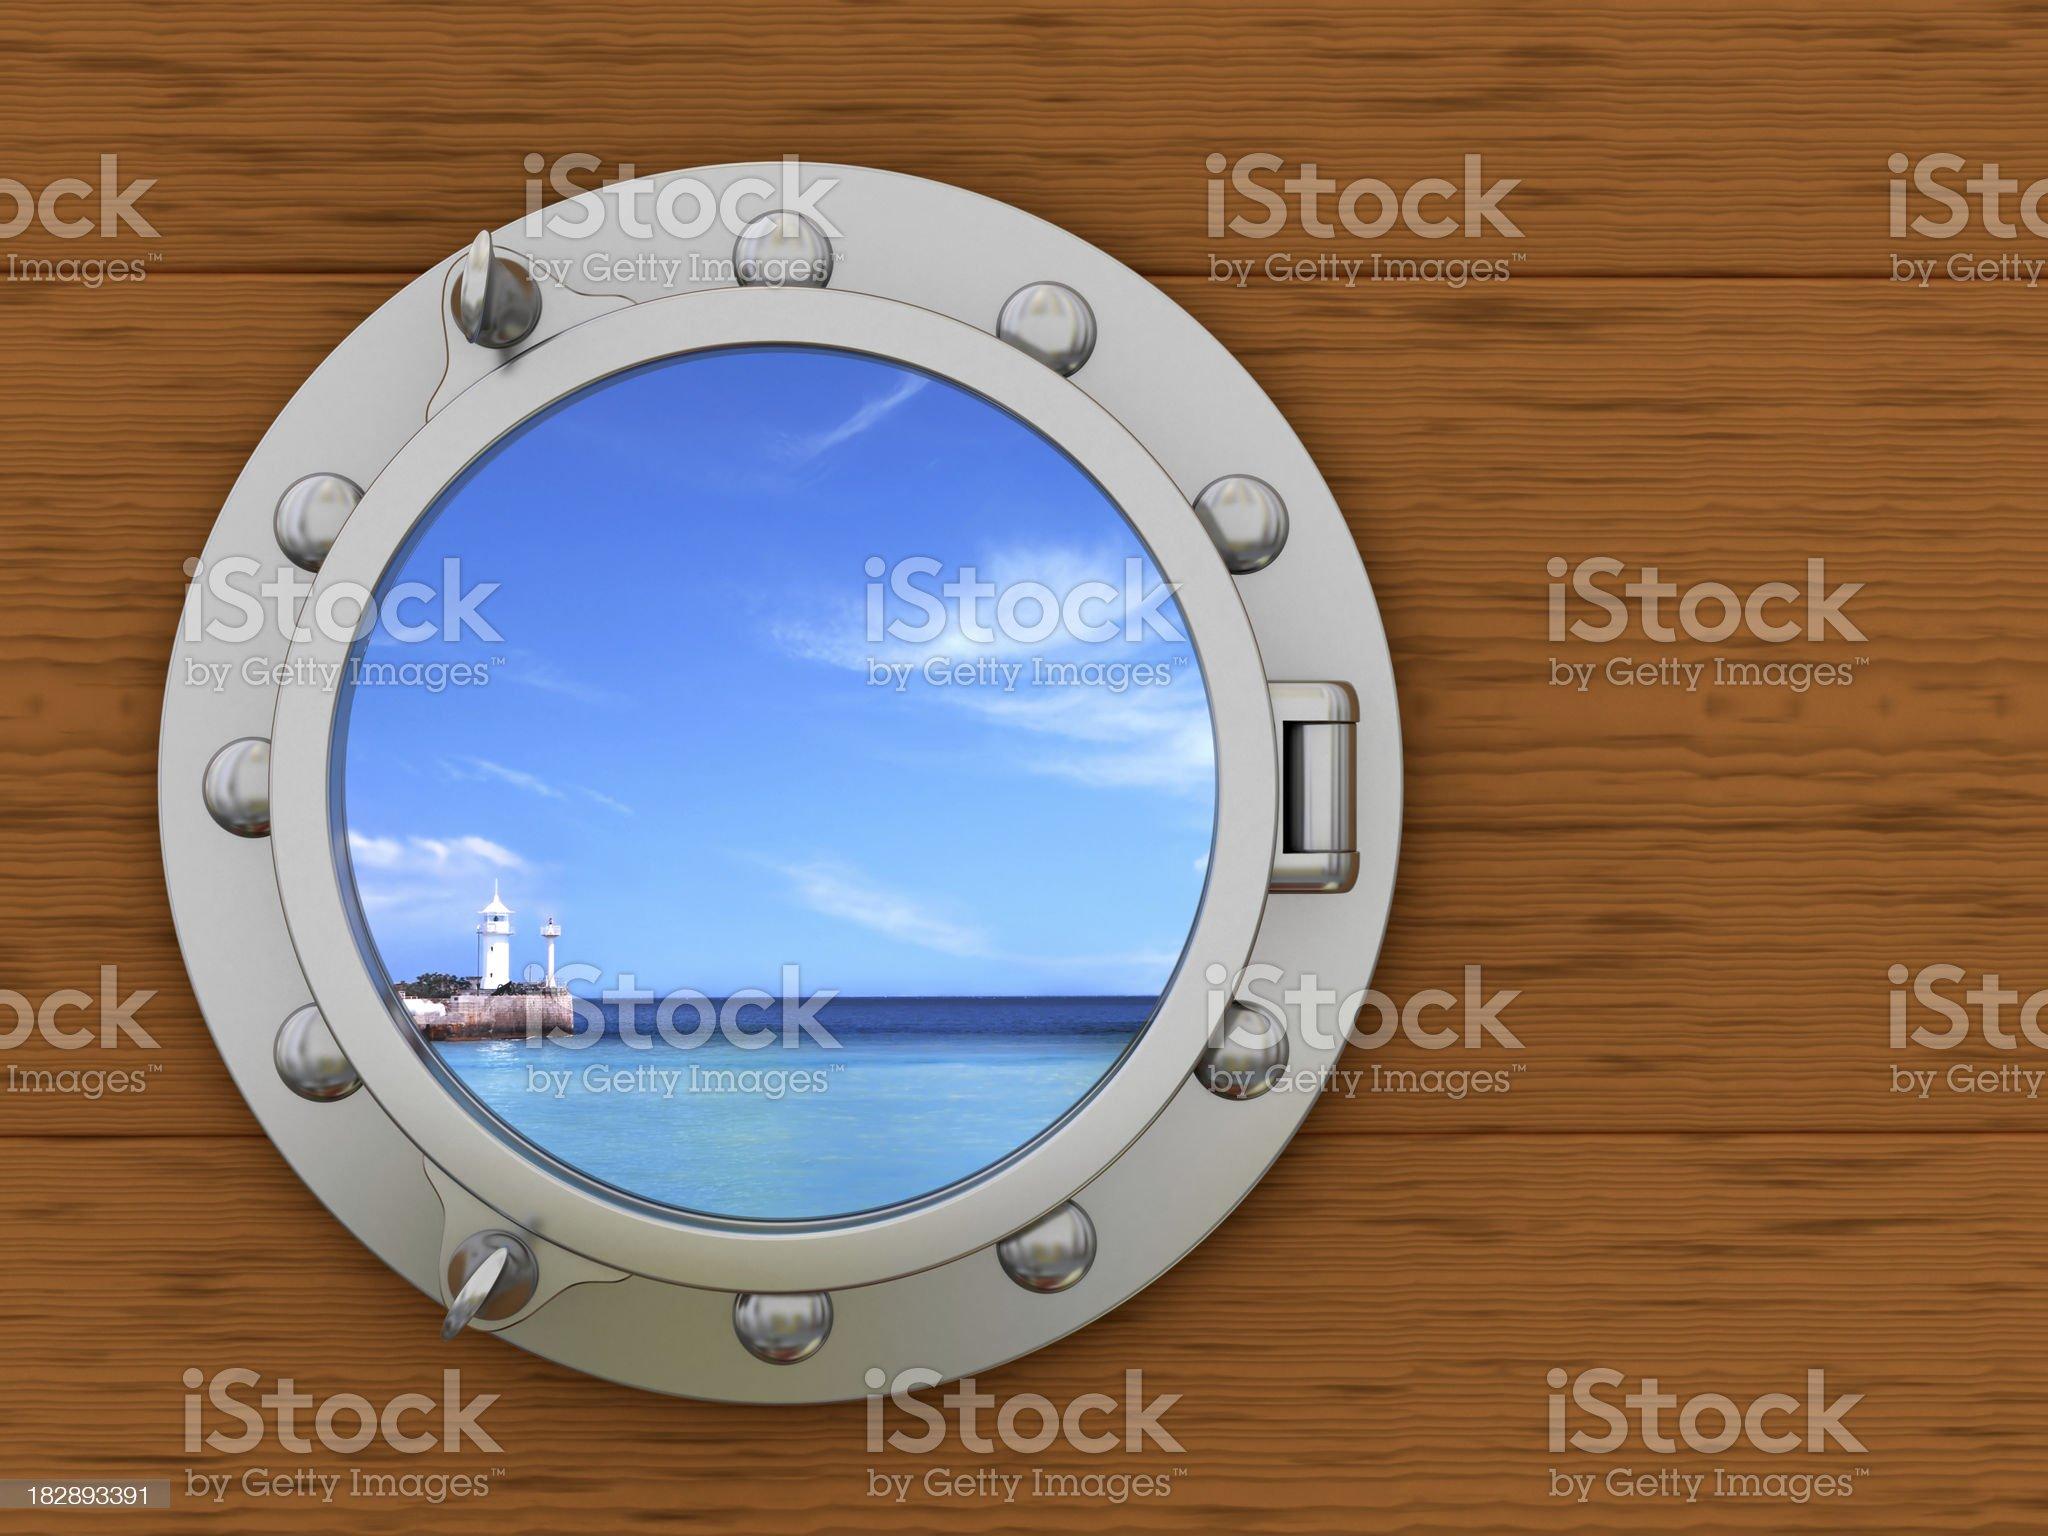 Porthole with seascape outside royalty-free stock photo